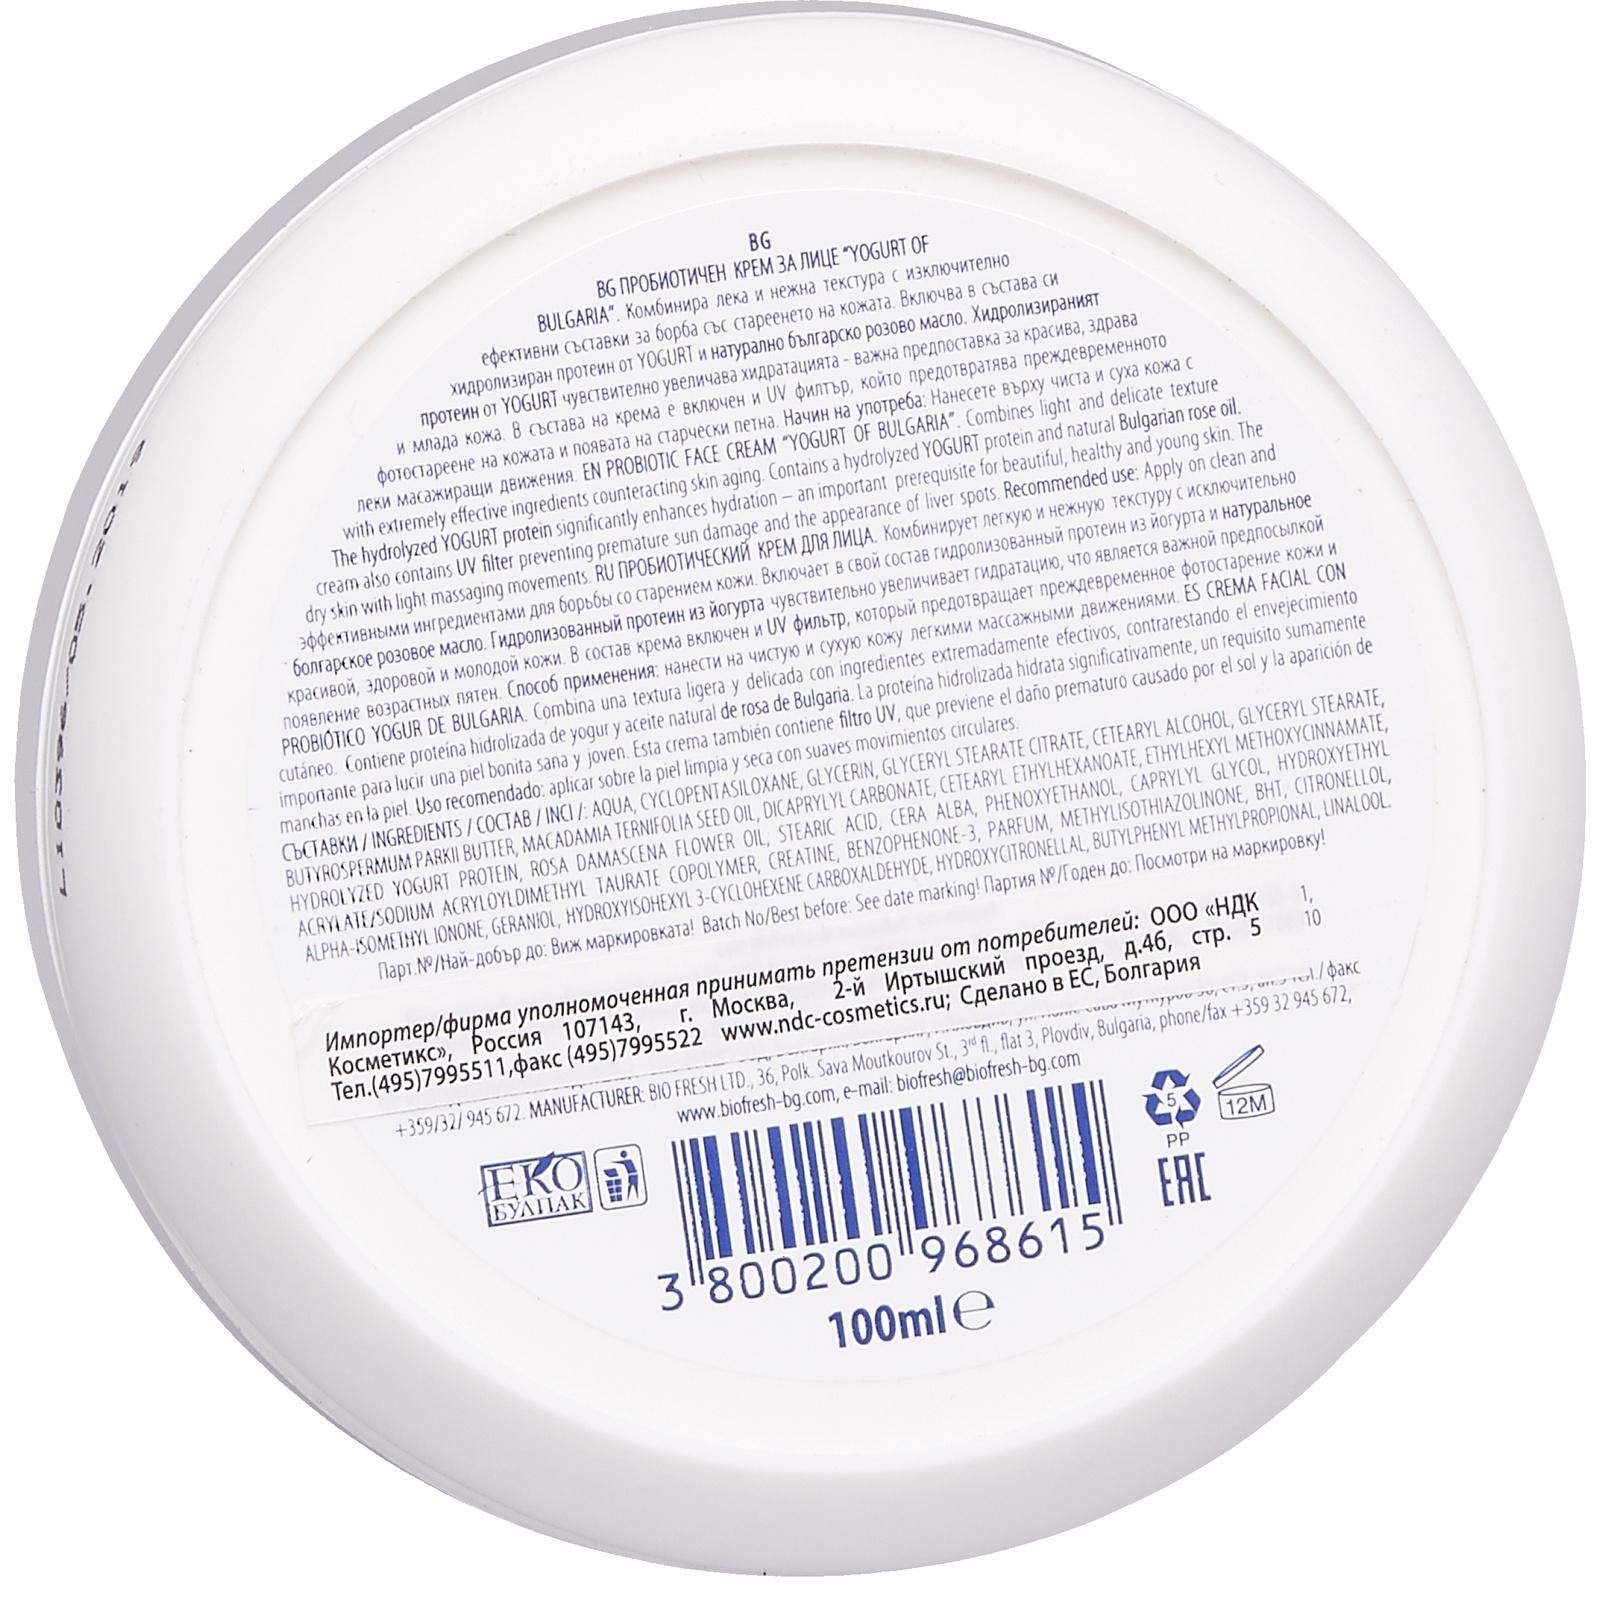 Крем для лица пробиотический Yoghurt of Bulgaria Гидролизированный протеин из йогурта увеличивает увлажнение кожи,...